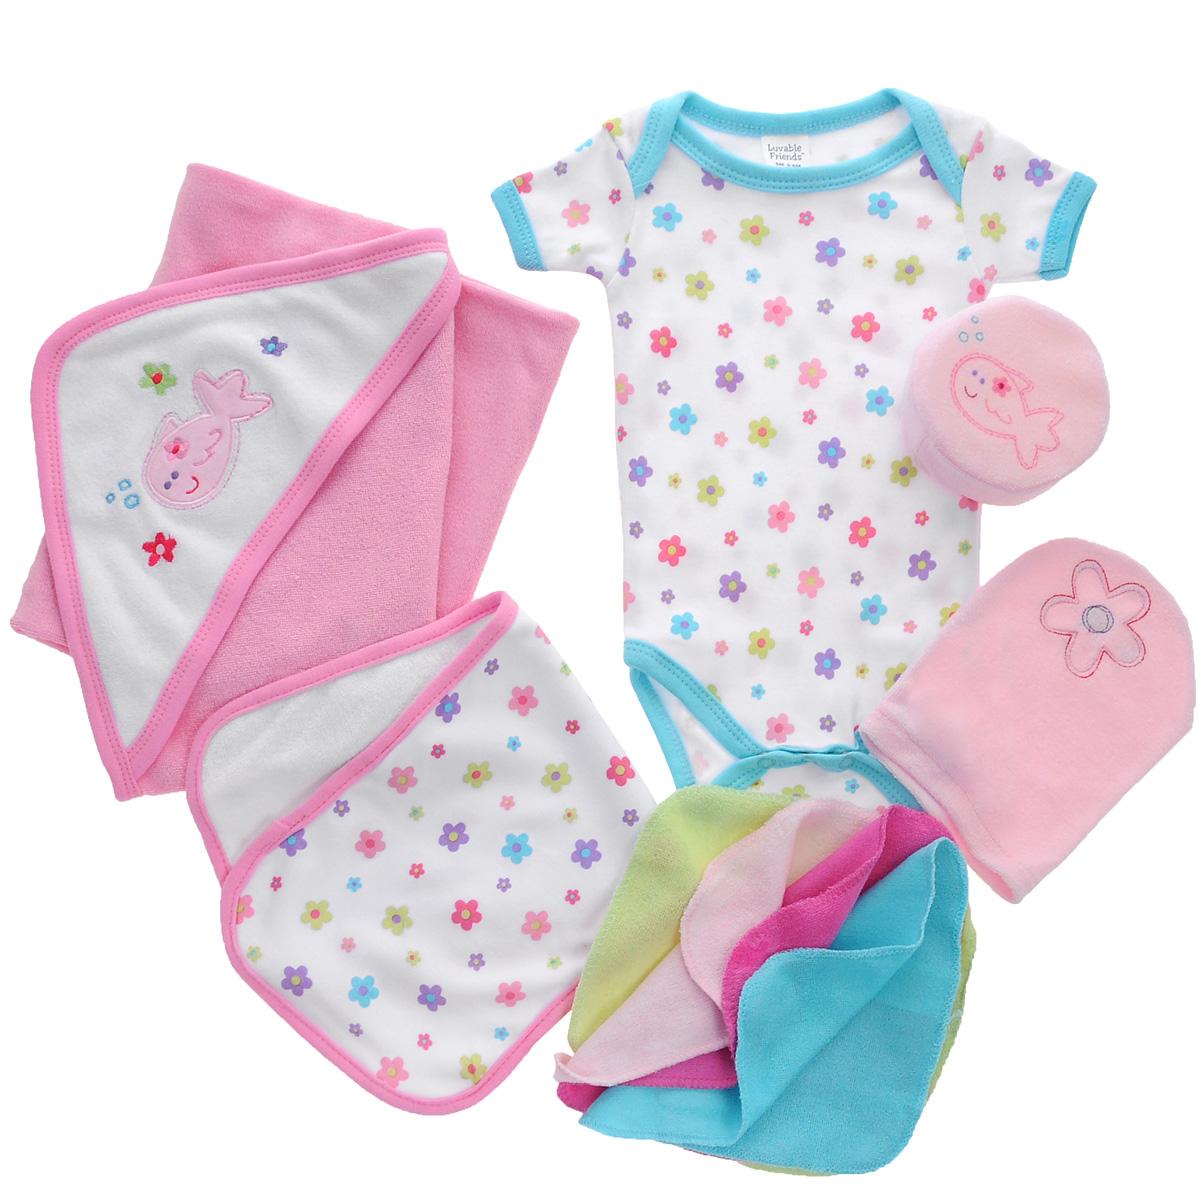 Подарочный комплект для ванны новорожденного Luvable Friends, цвет: розовый, 9 предметов. 07074. Размер 0/6мес